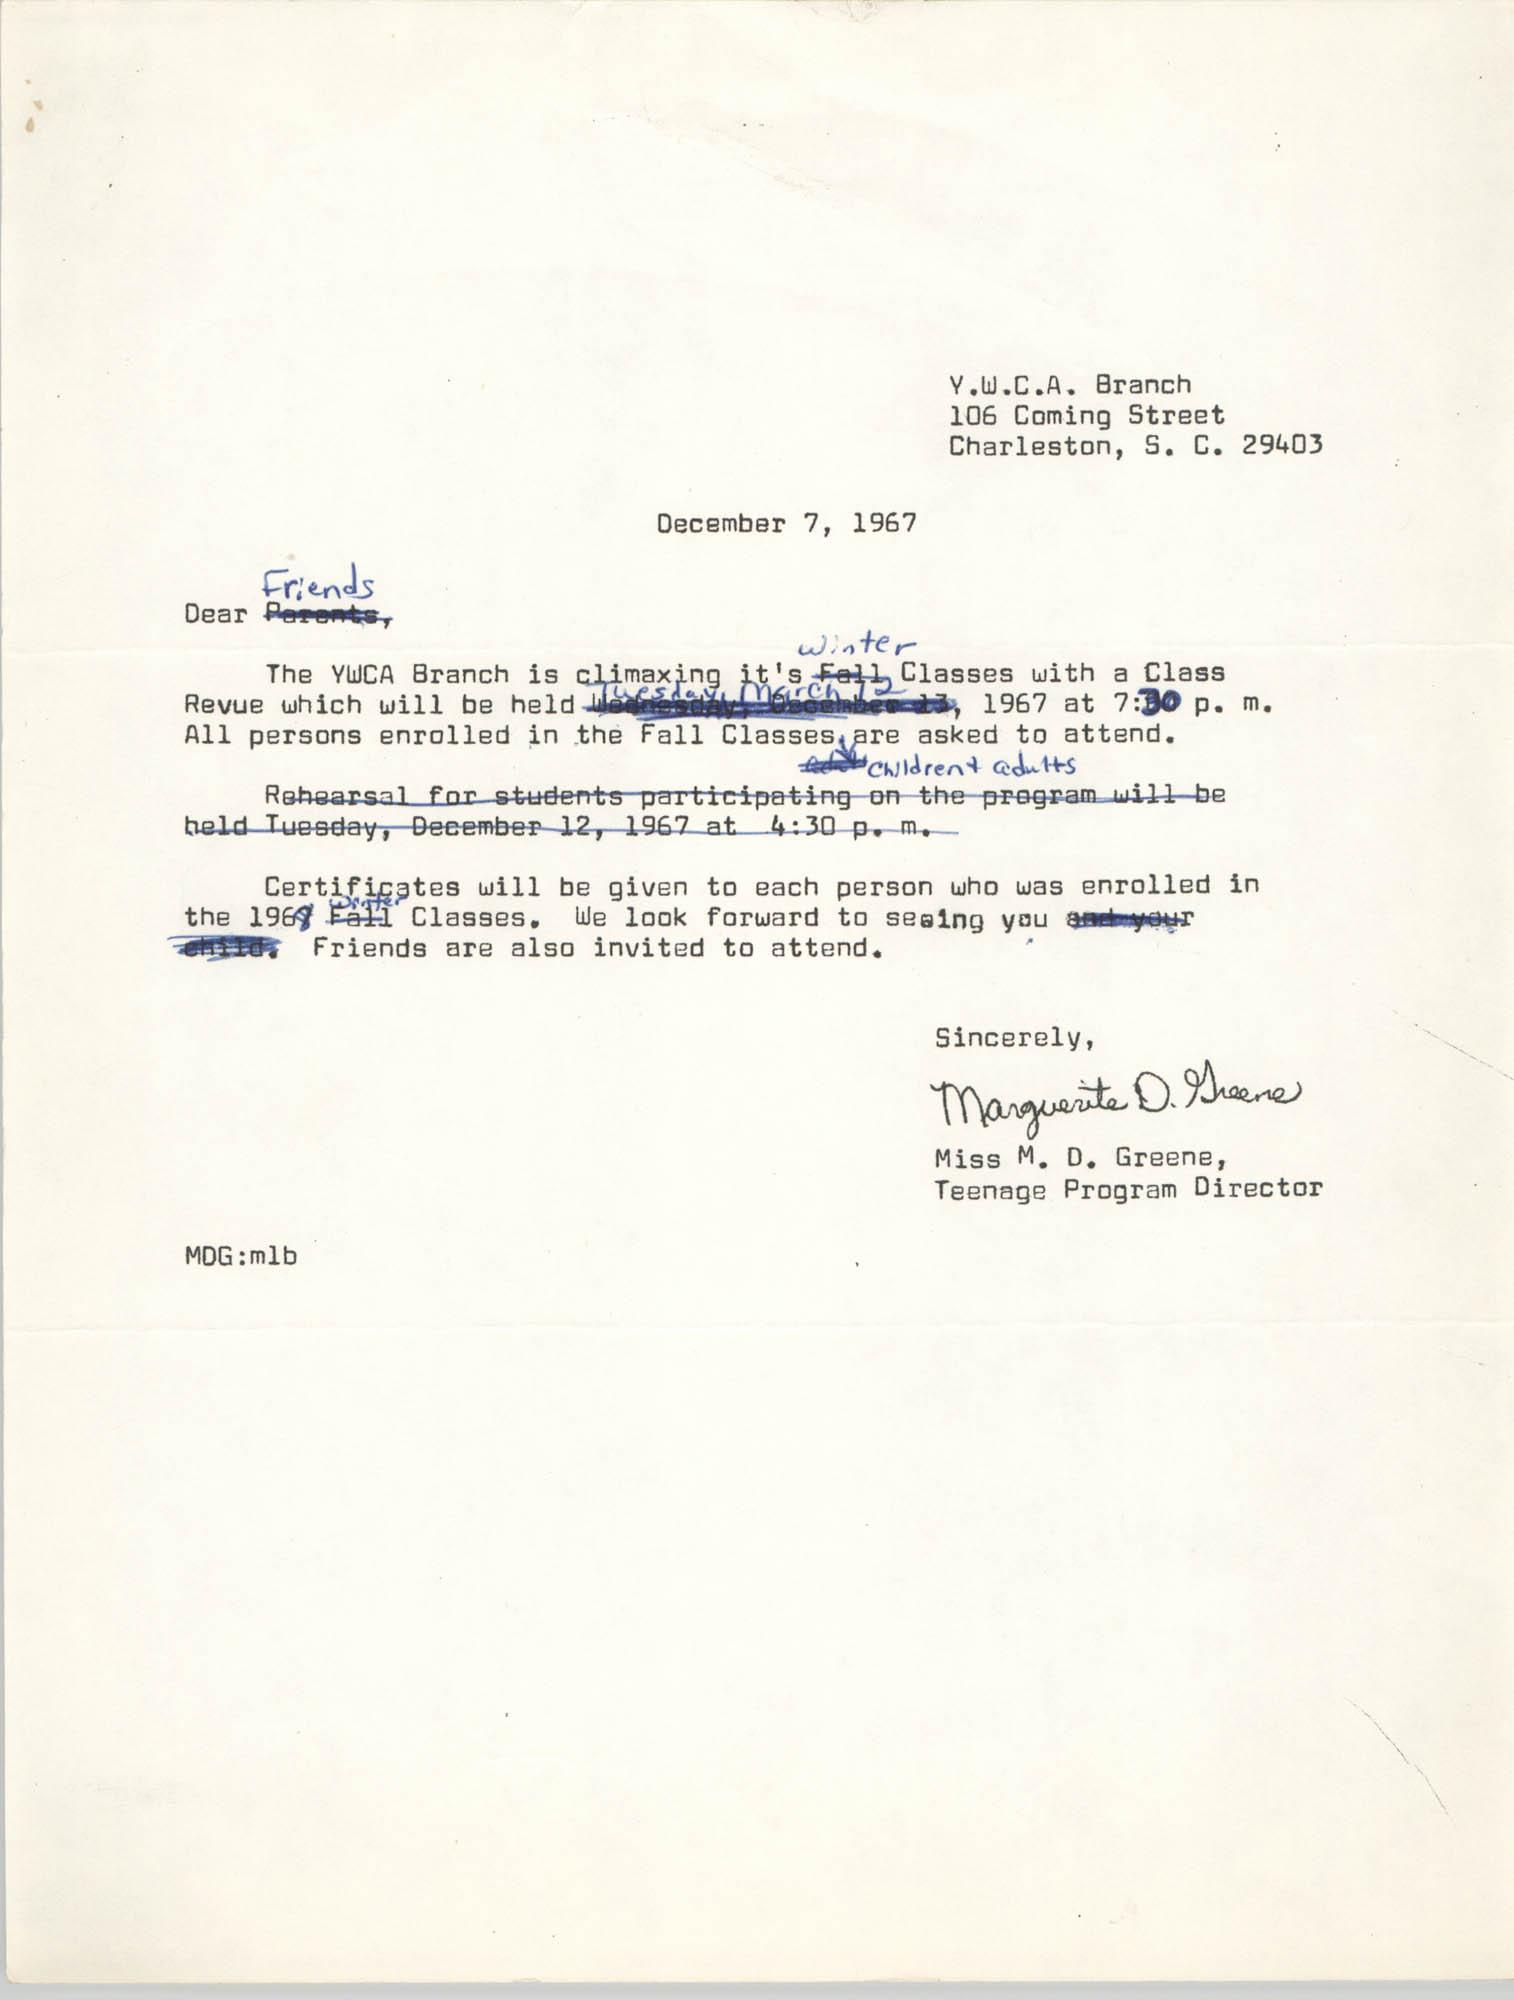 Letter from Marguerite D. Greene, December 7, 1967